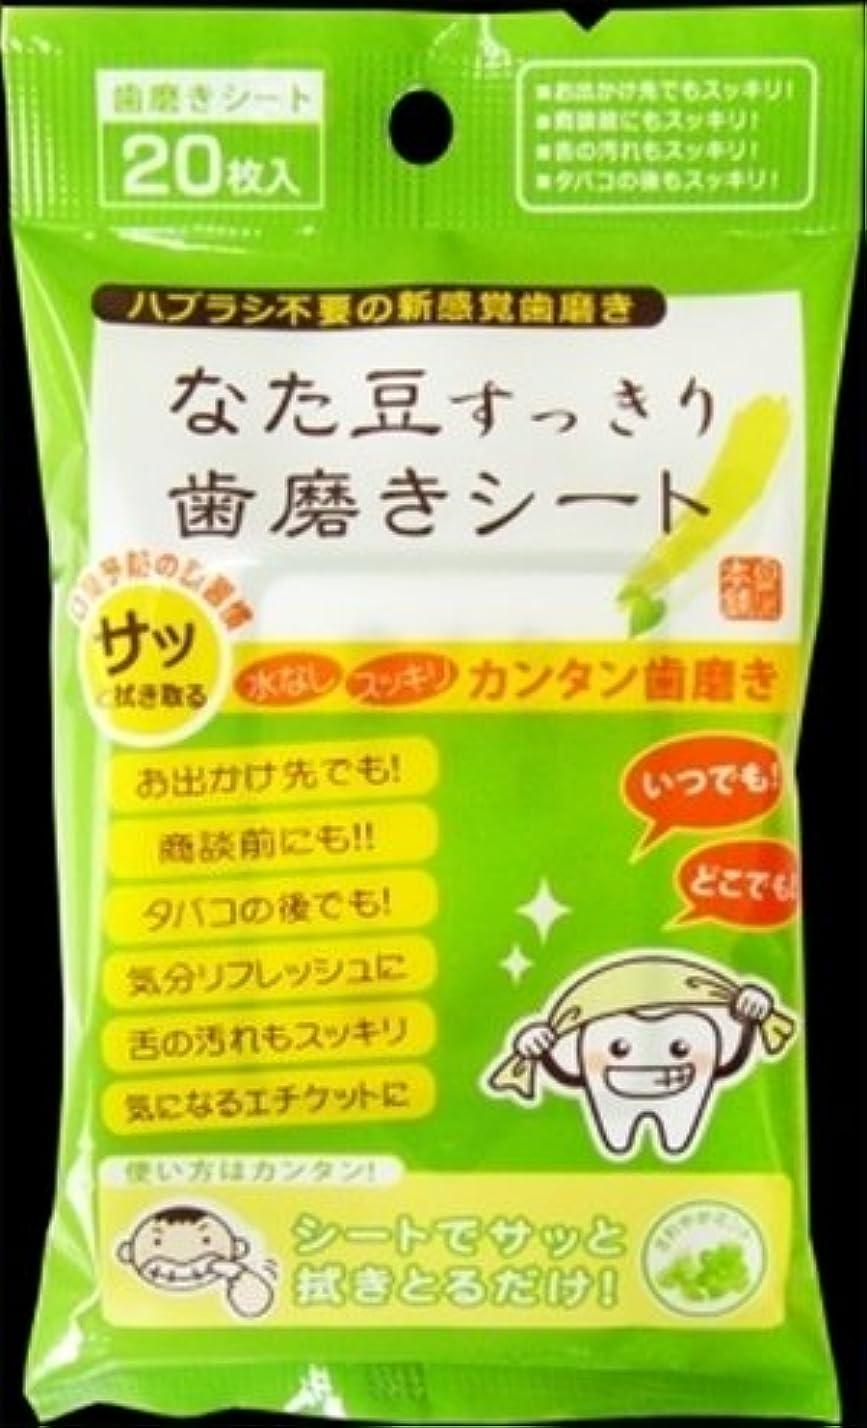 なた豆すっきり歯磨きシート 20枚入り【3個セット】